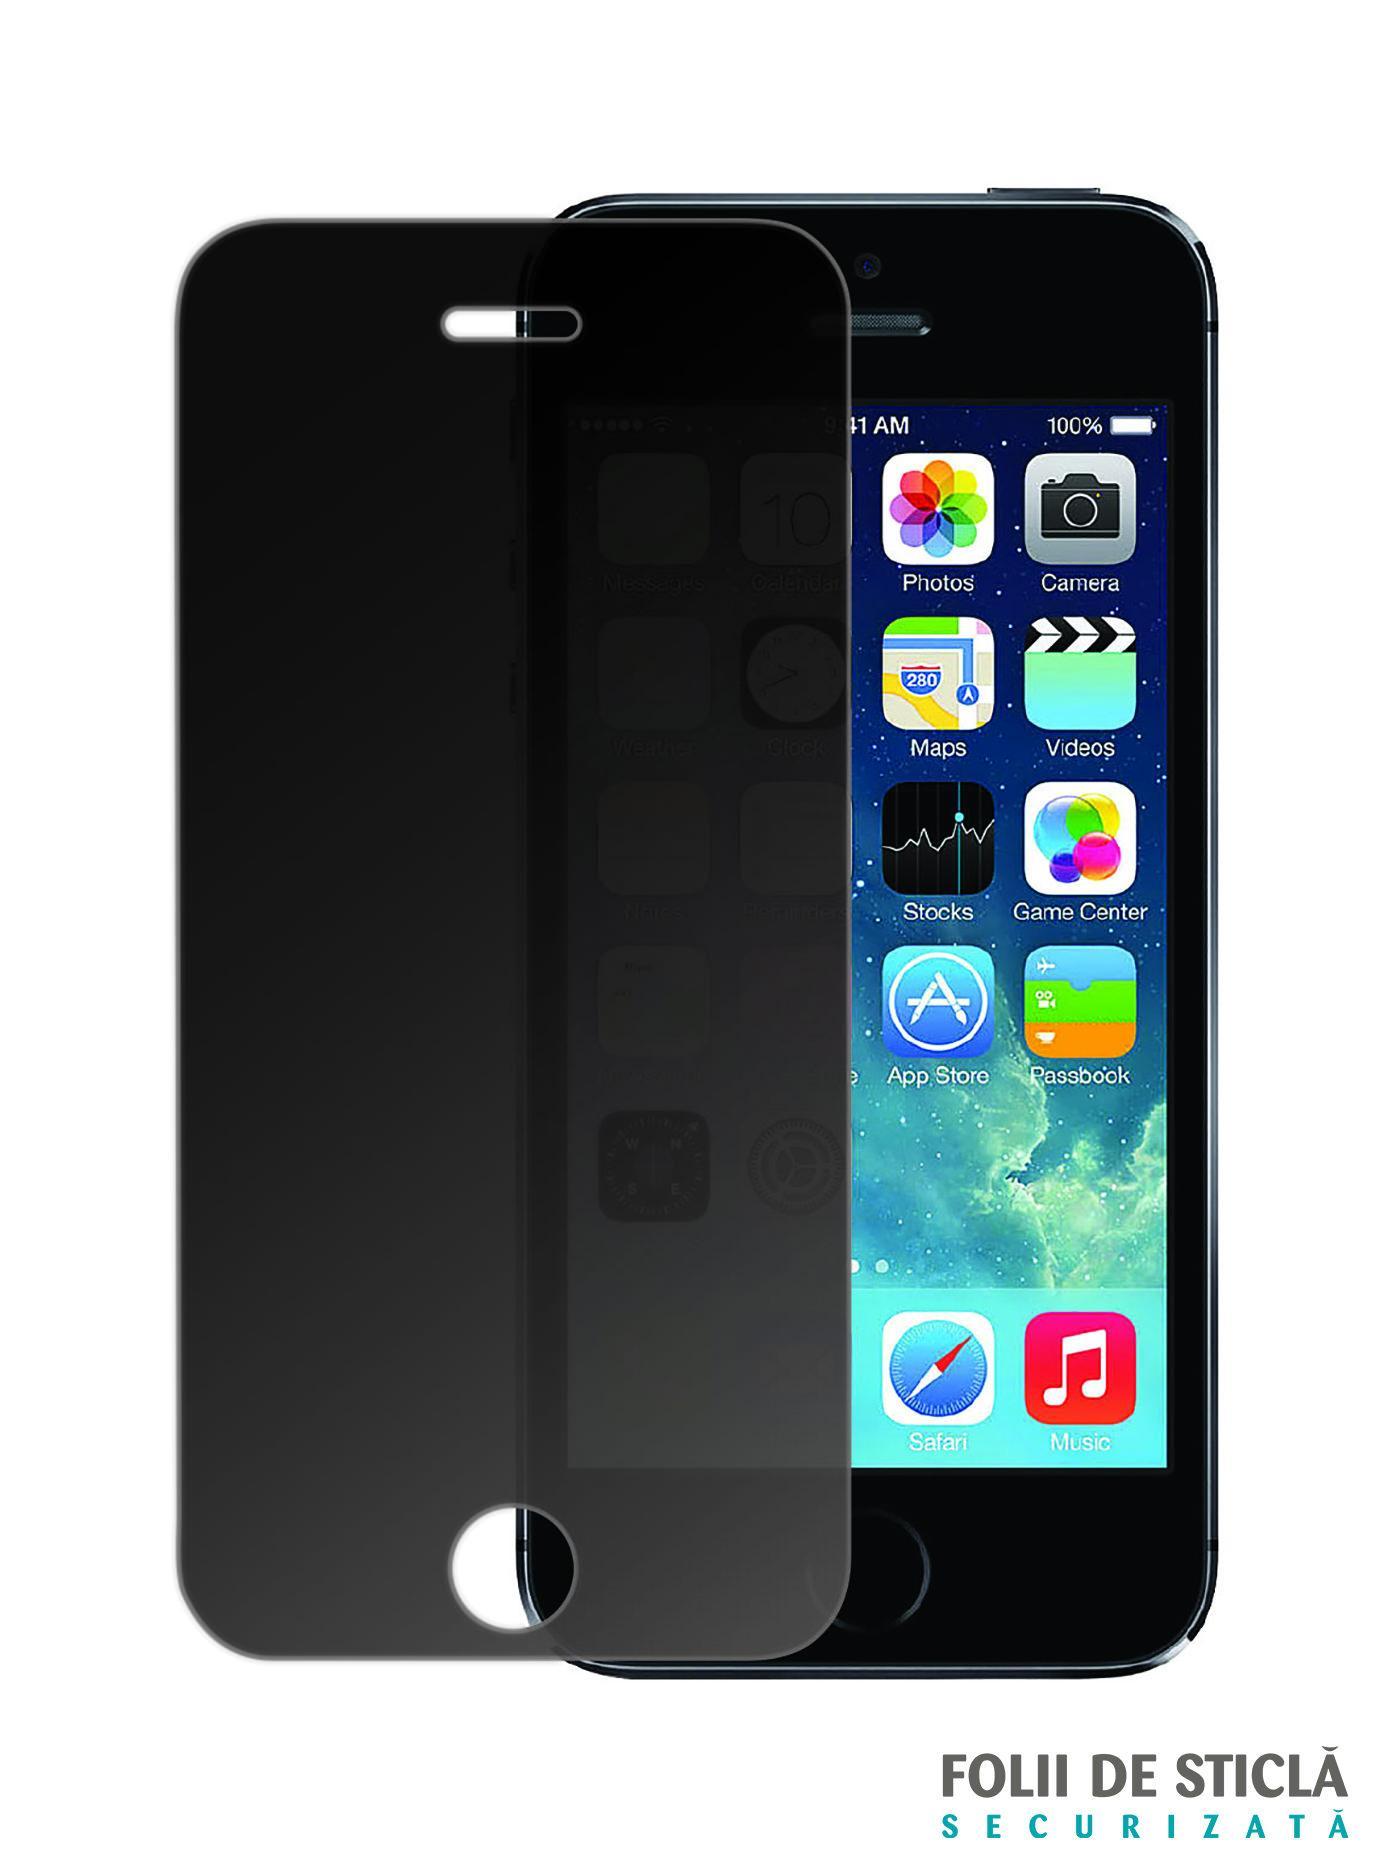 folie din sticla securizata pentru iphone 5 5s 5c se privacy